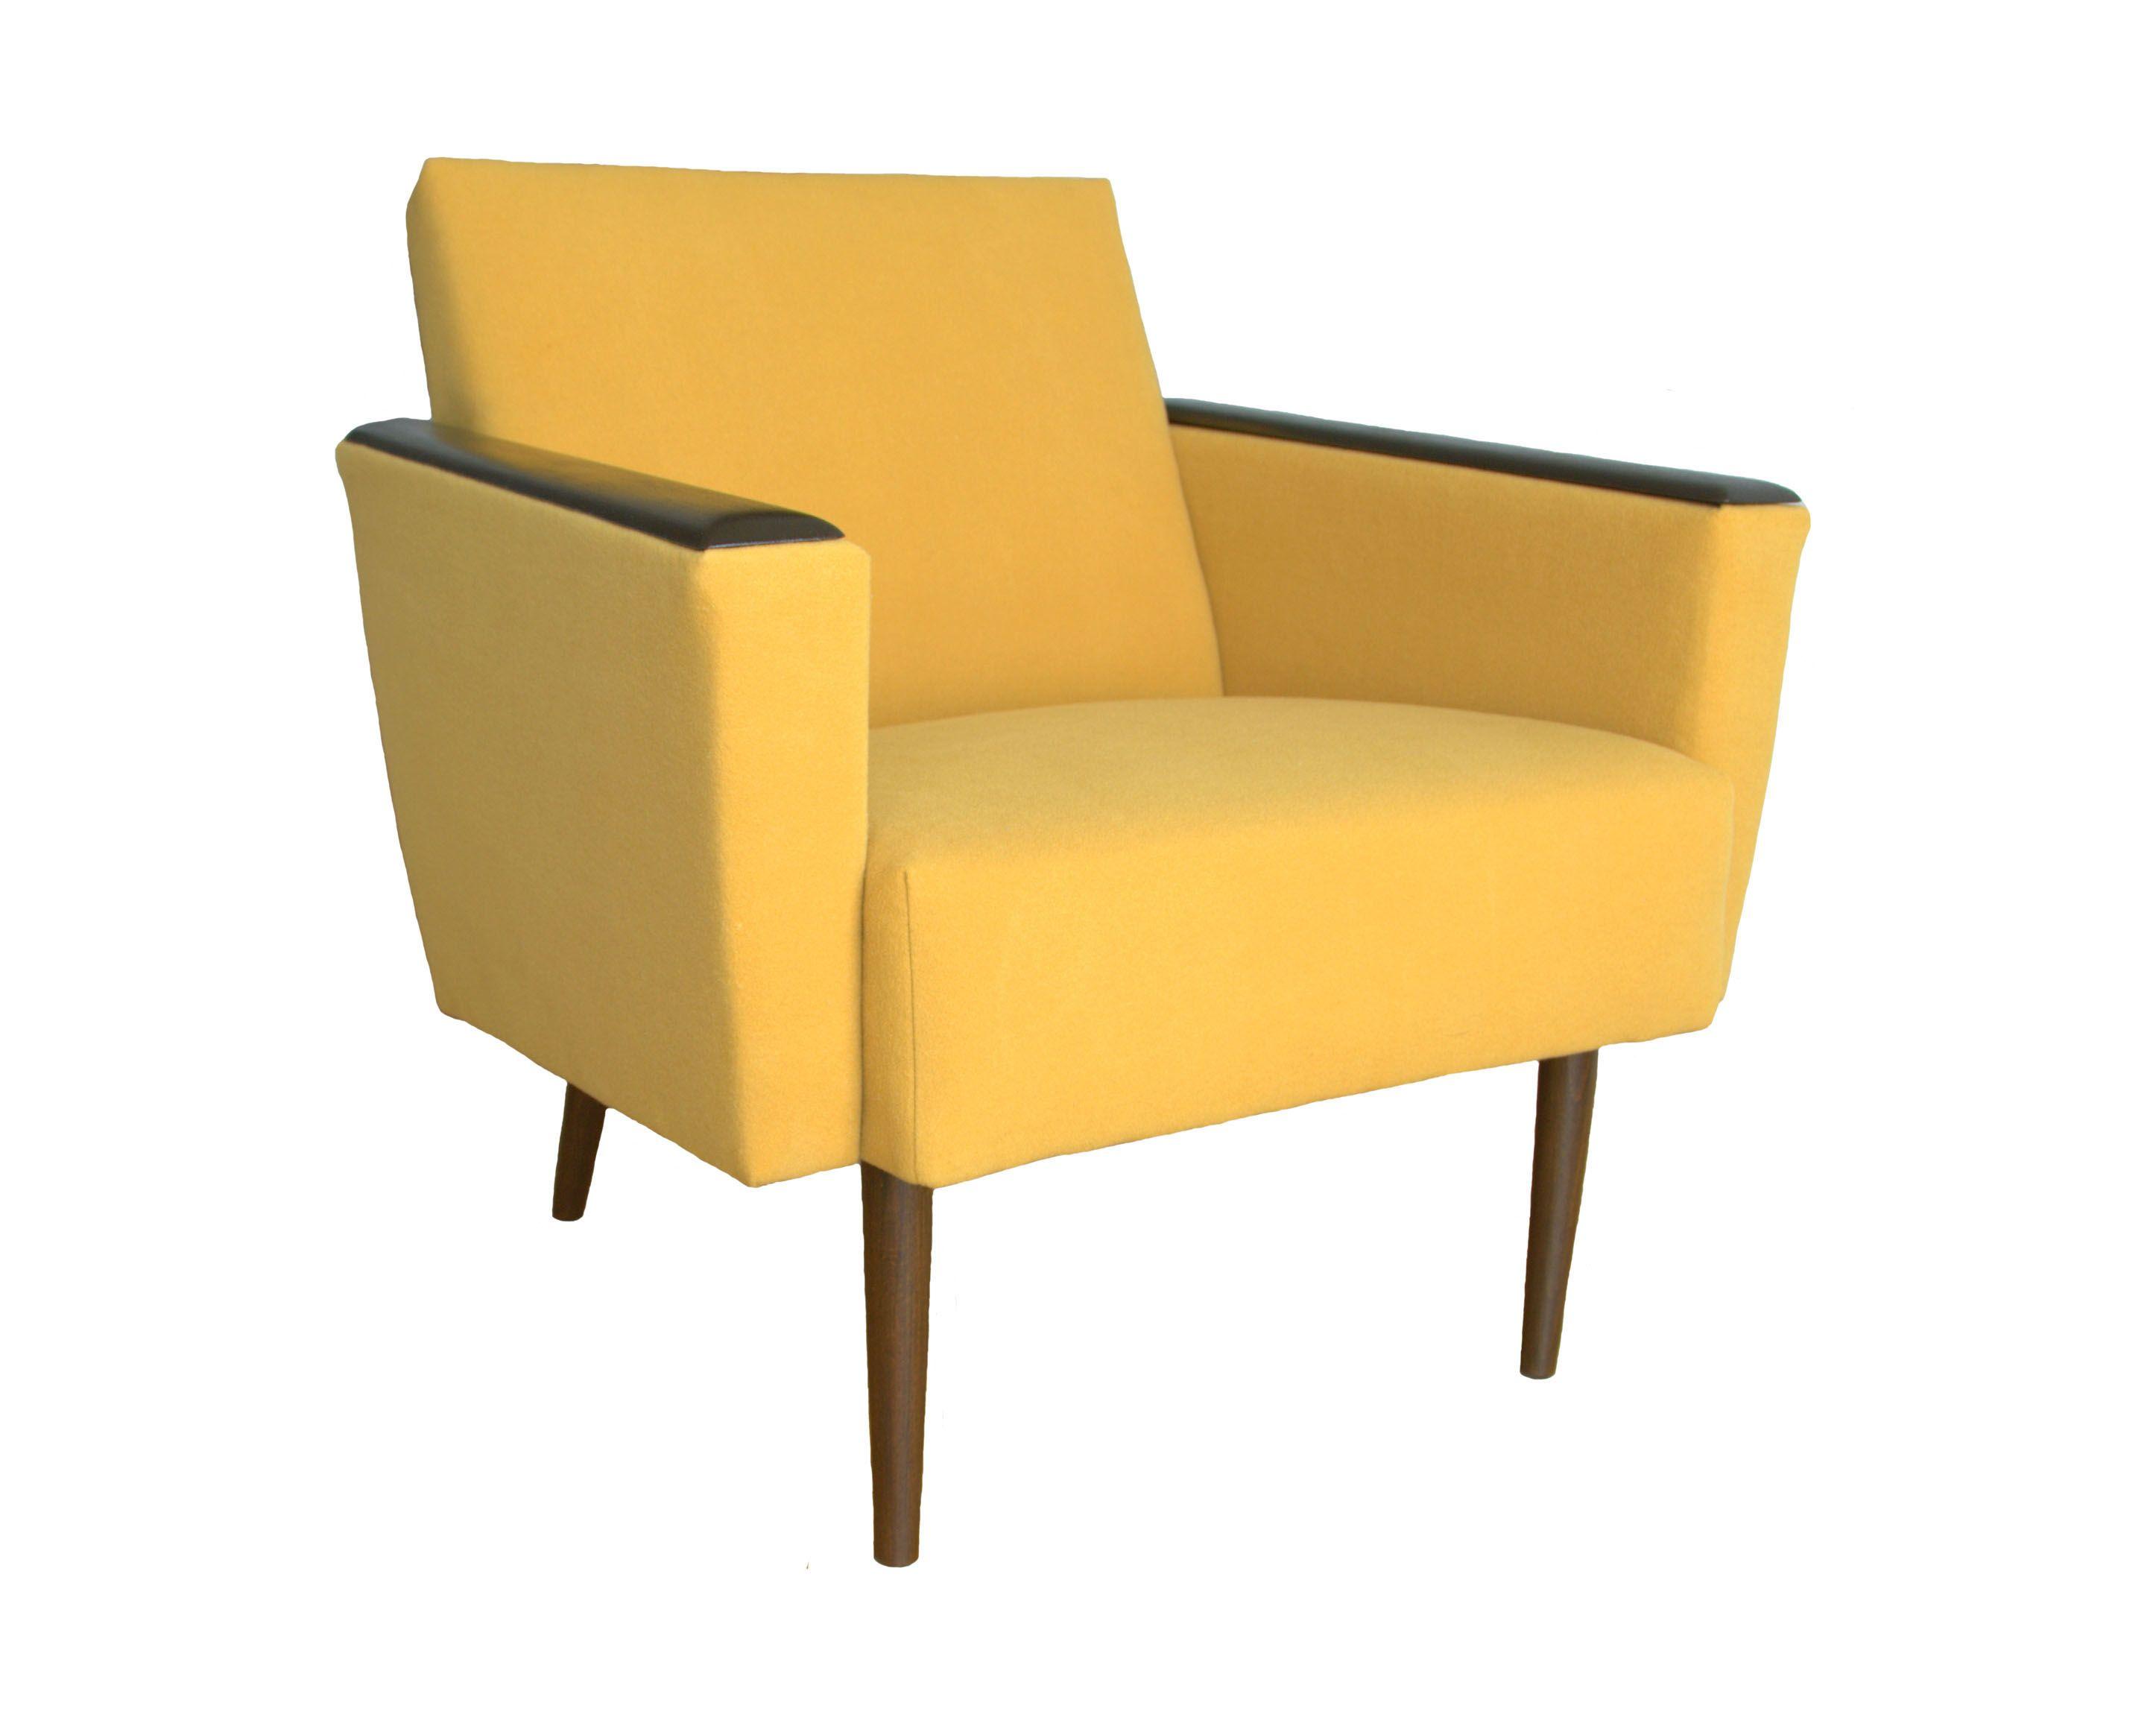 1960s Danish Style Easy Chair Https://www.etsy.com/uk